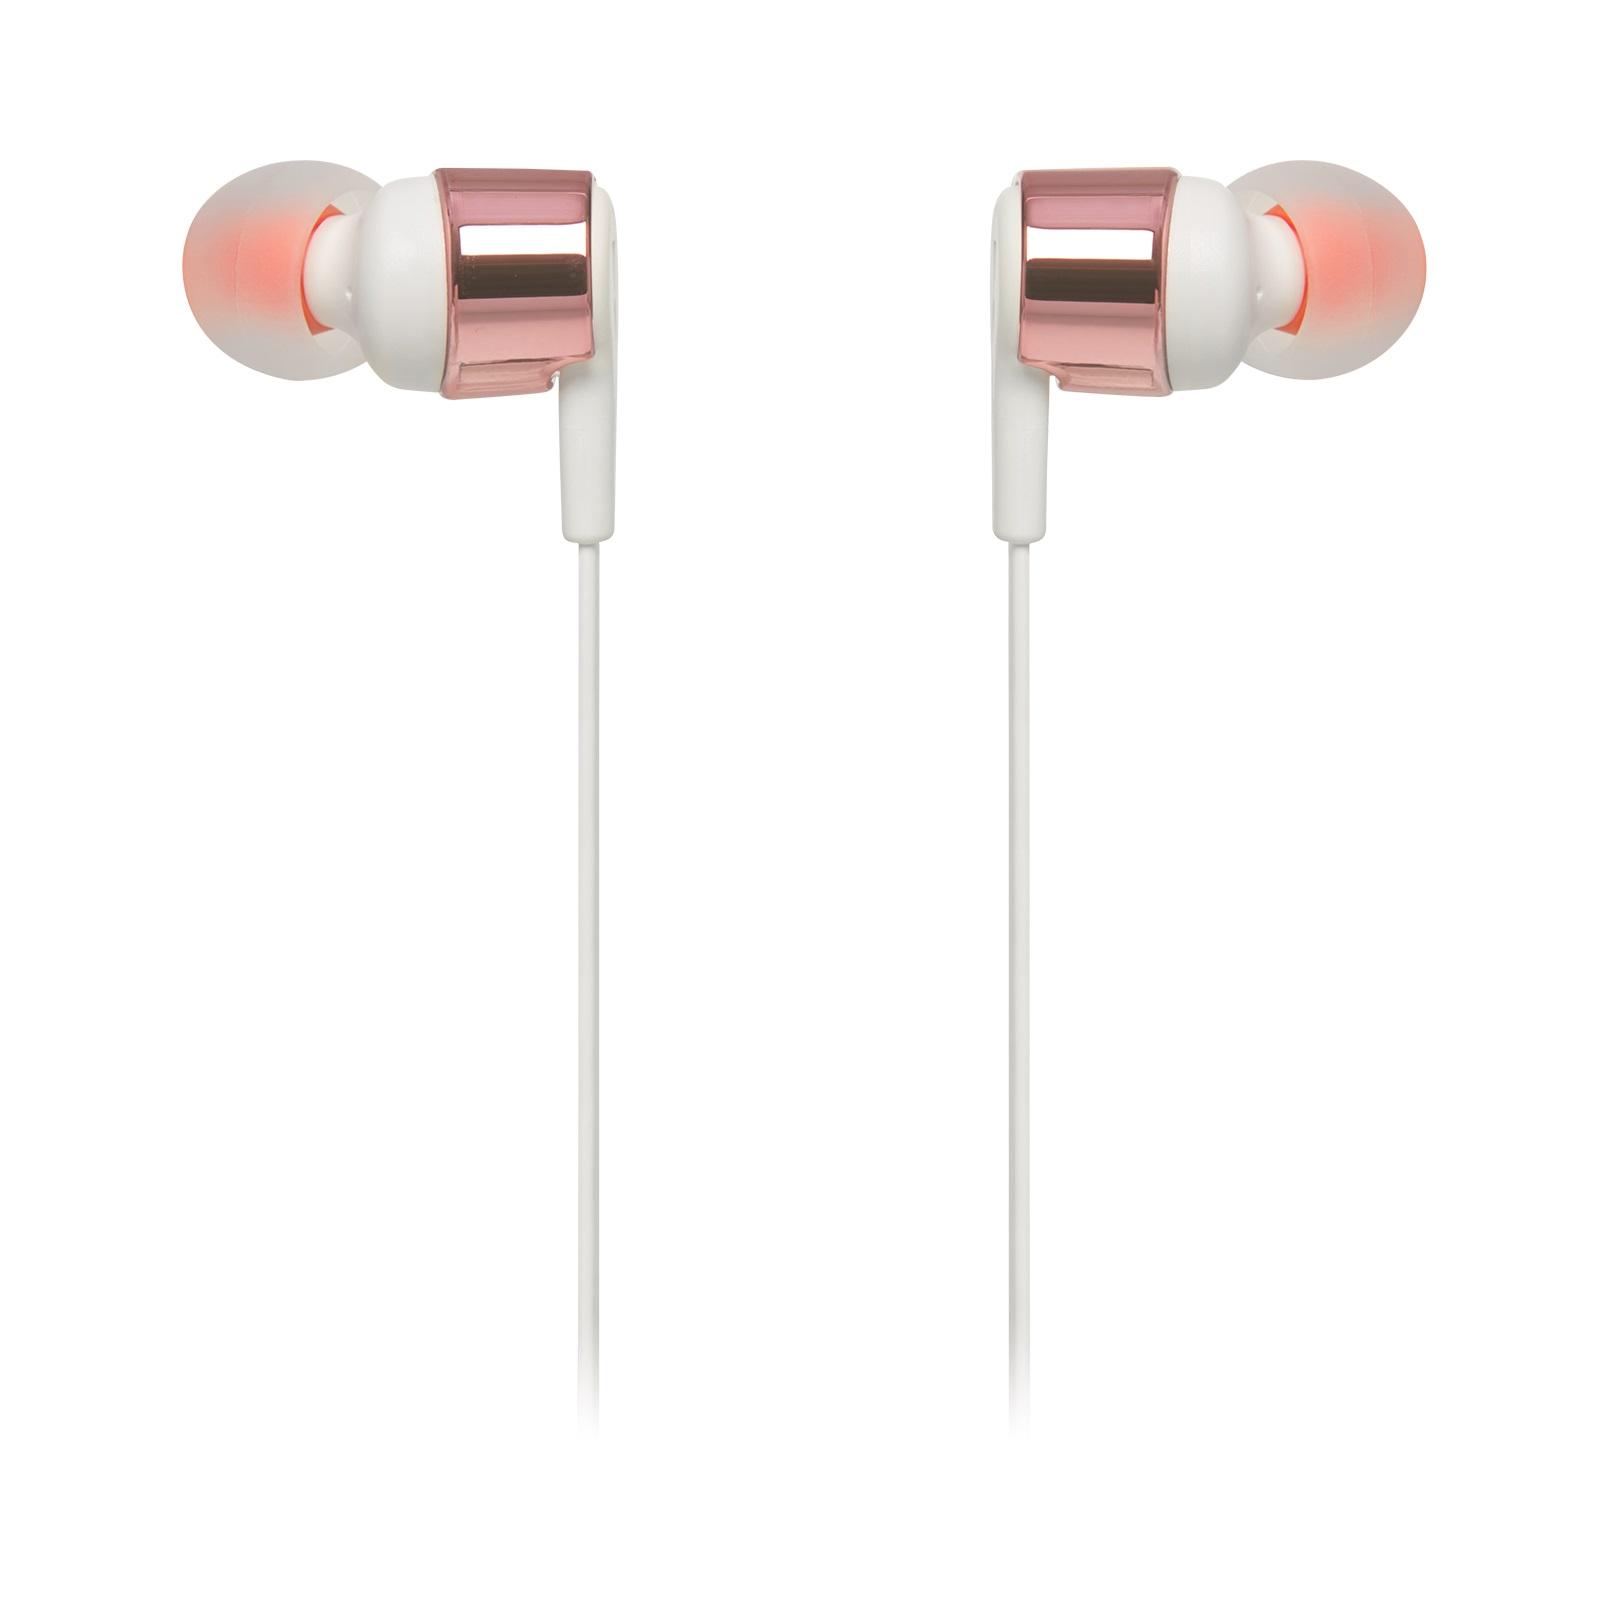 JBL-T210-In-Ear-Wired-Headphone-Earphones-Metallic-Finish thumbnail 8